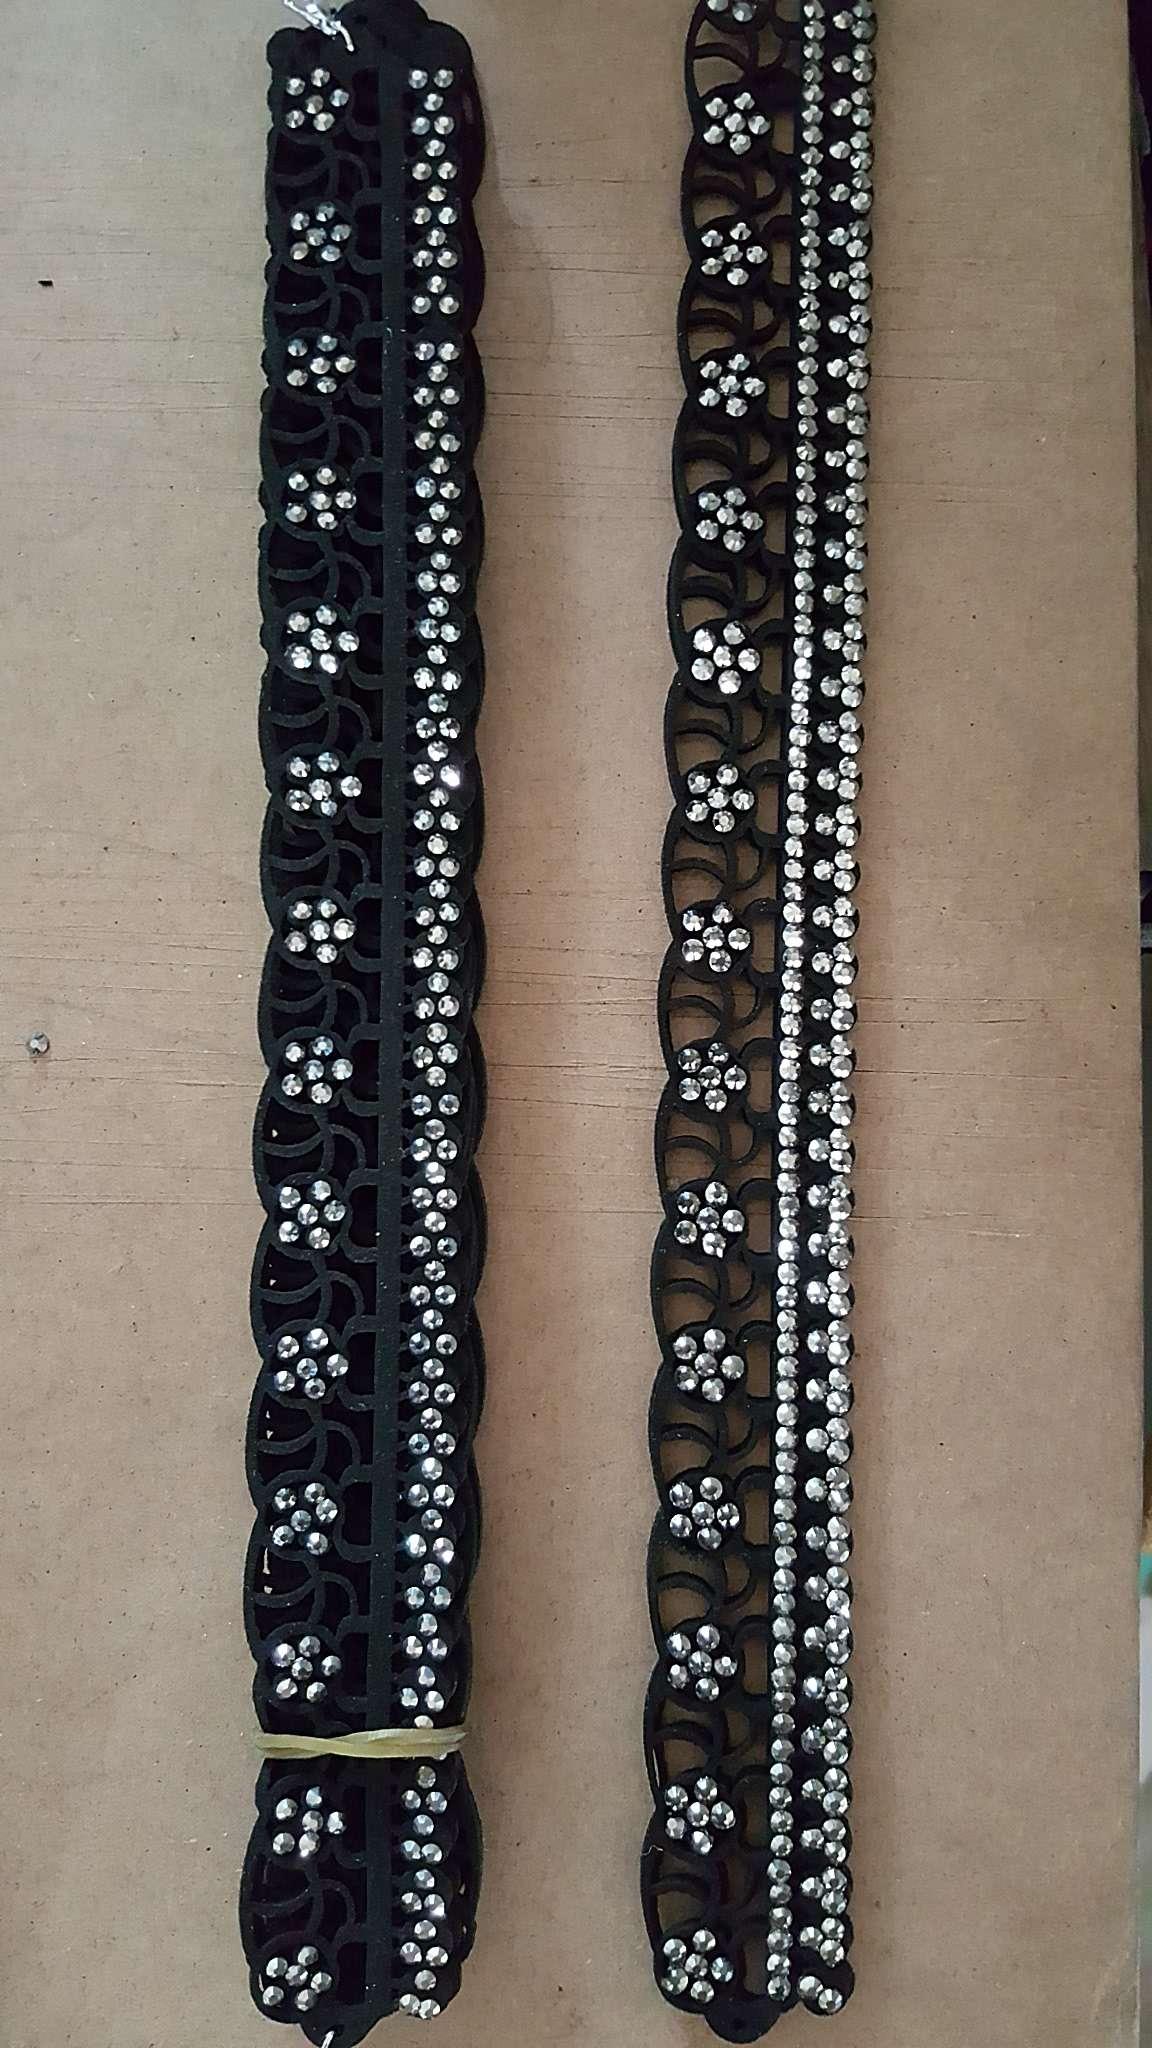 韩国绒手链烫钻烫片烫图服装辅料饰品配件古银十字架项链吊坠挂件